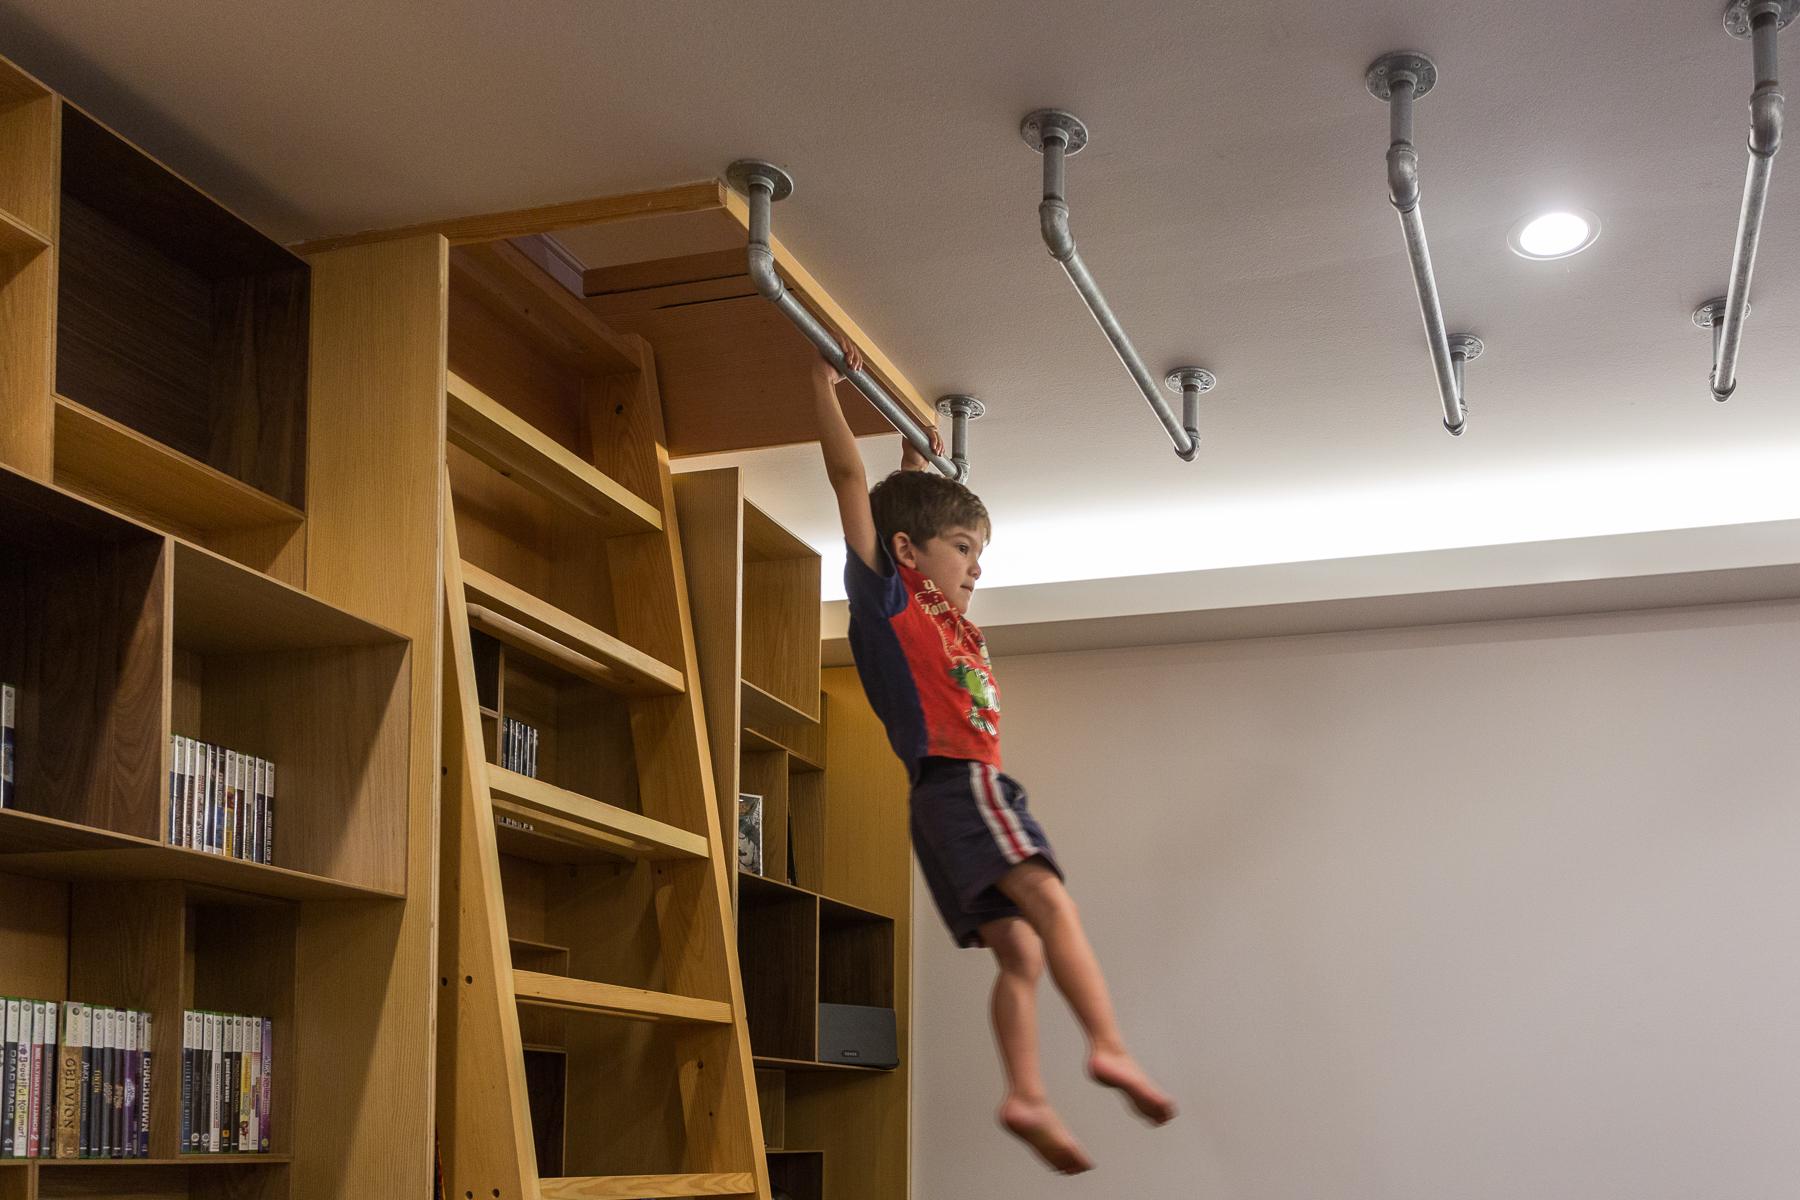 Harka Architecture_Stevens Home Remodel_Ladder monkey bars.jpg